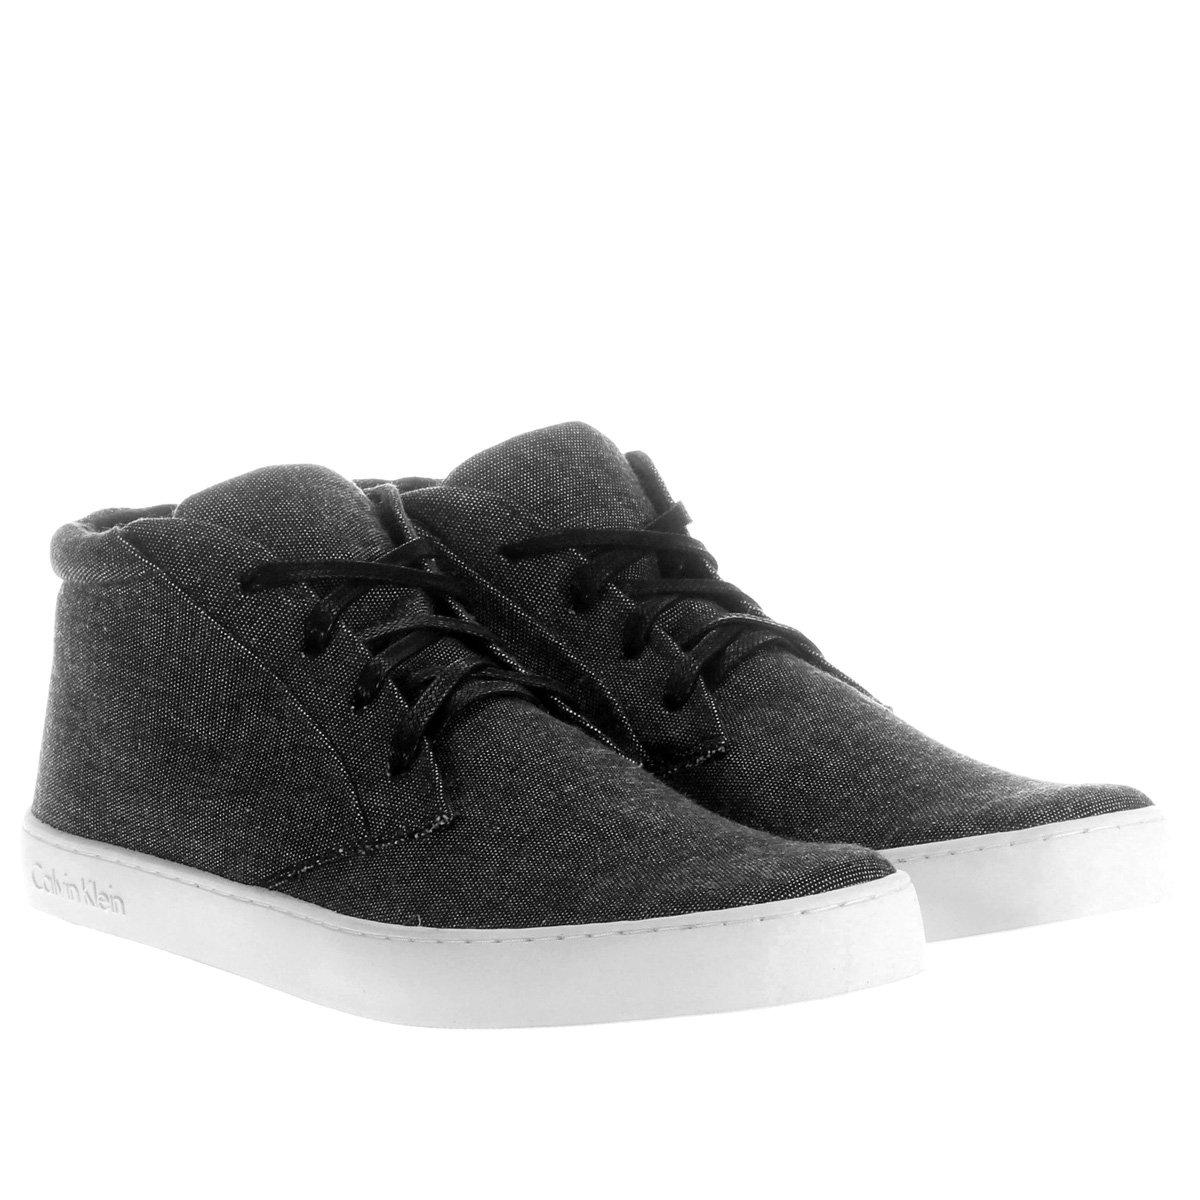 937d2410ba561 Sapatênis Calvin Klein Chukka Dider Hater - Compre Agora   Netshoes